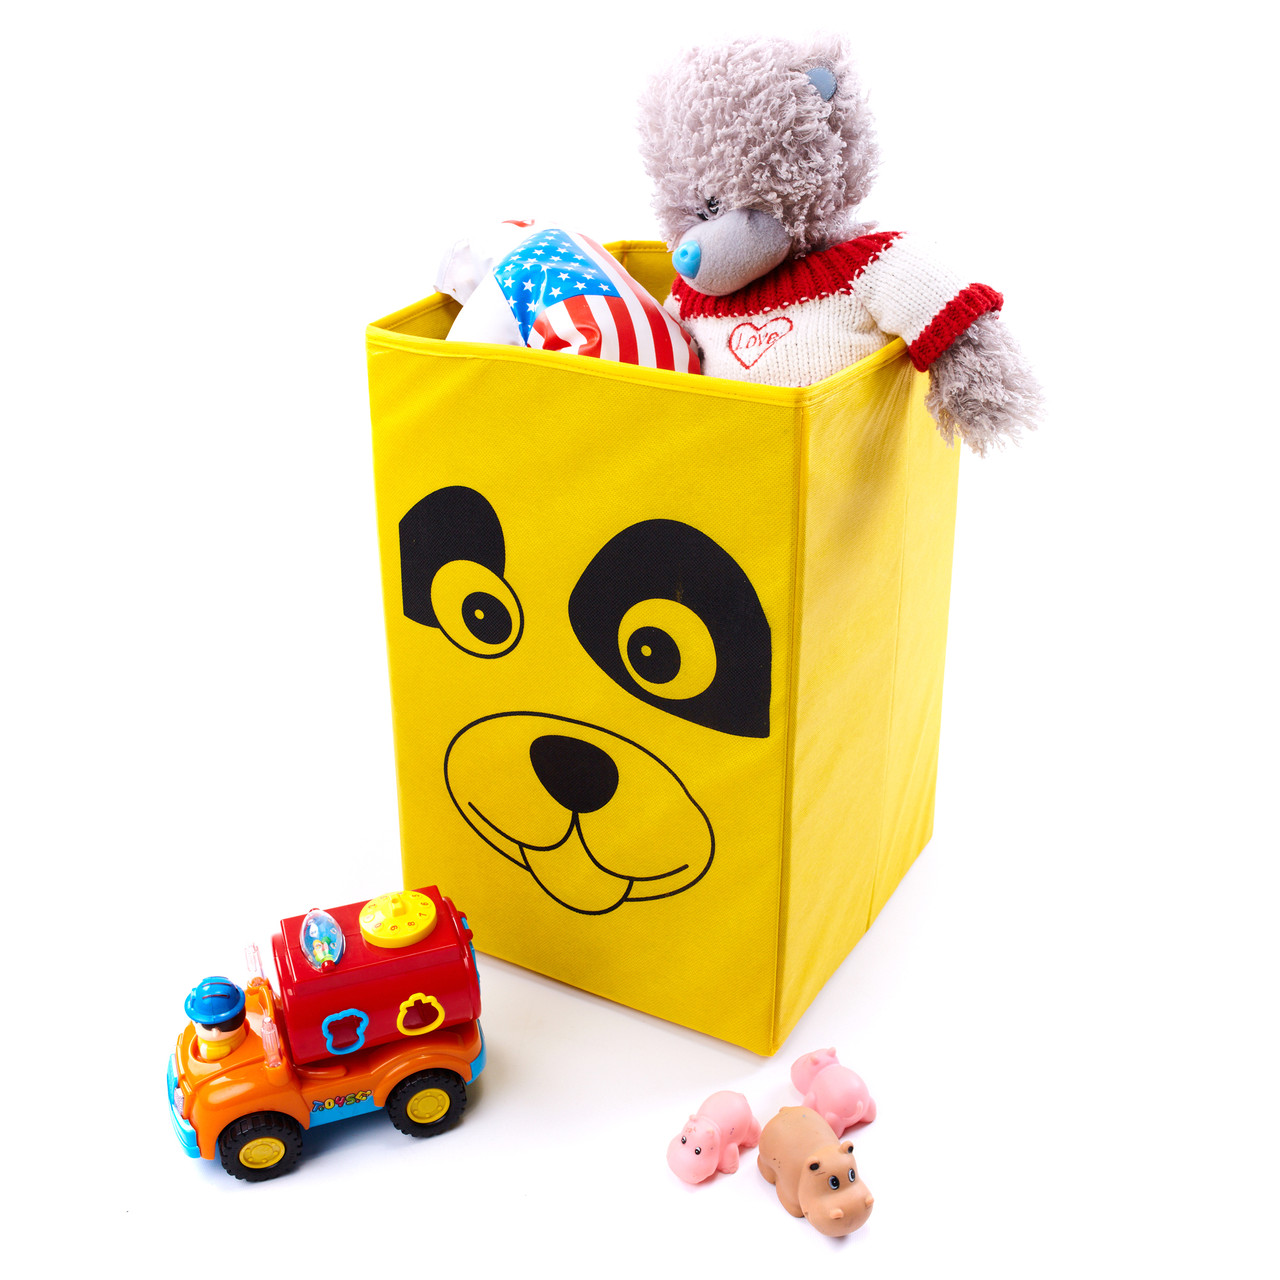 Ящик для зберігання іграшок, 25*25*38 см, Зоопарк Собака (без кришки)